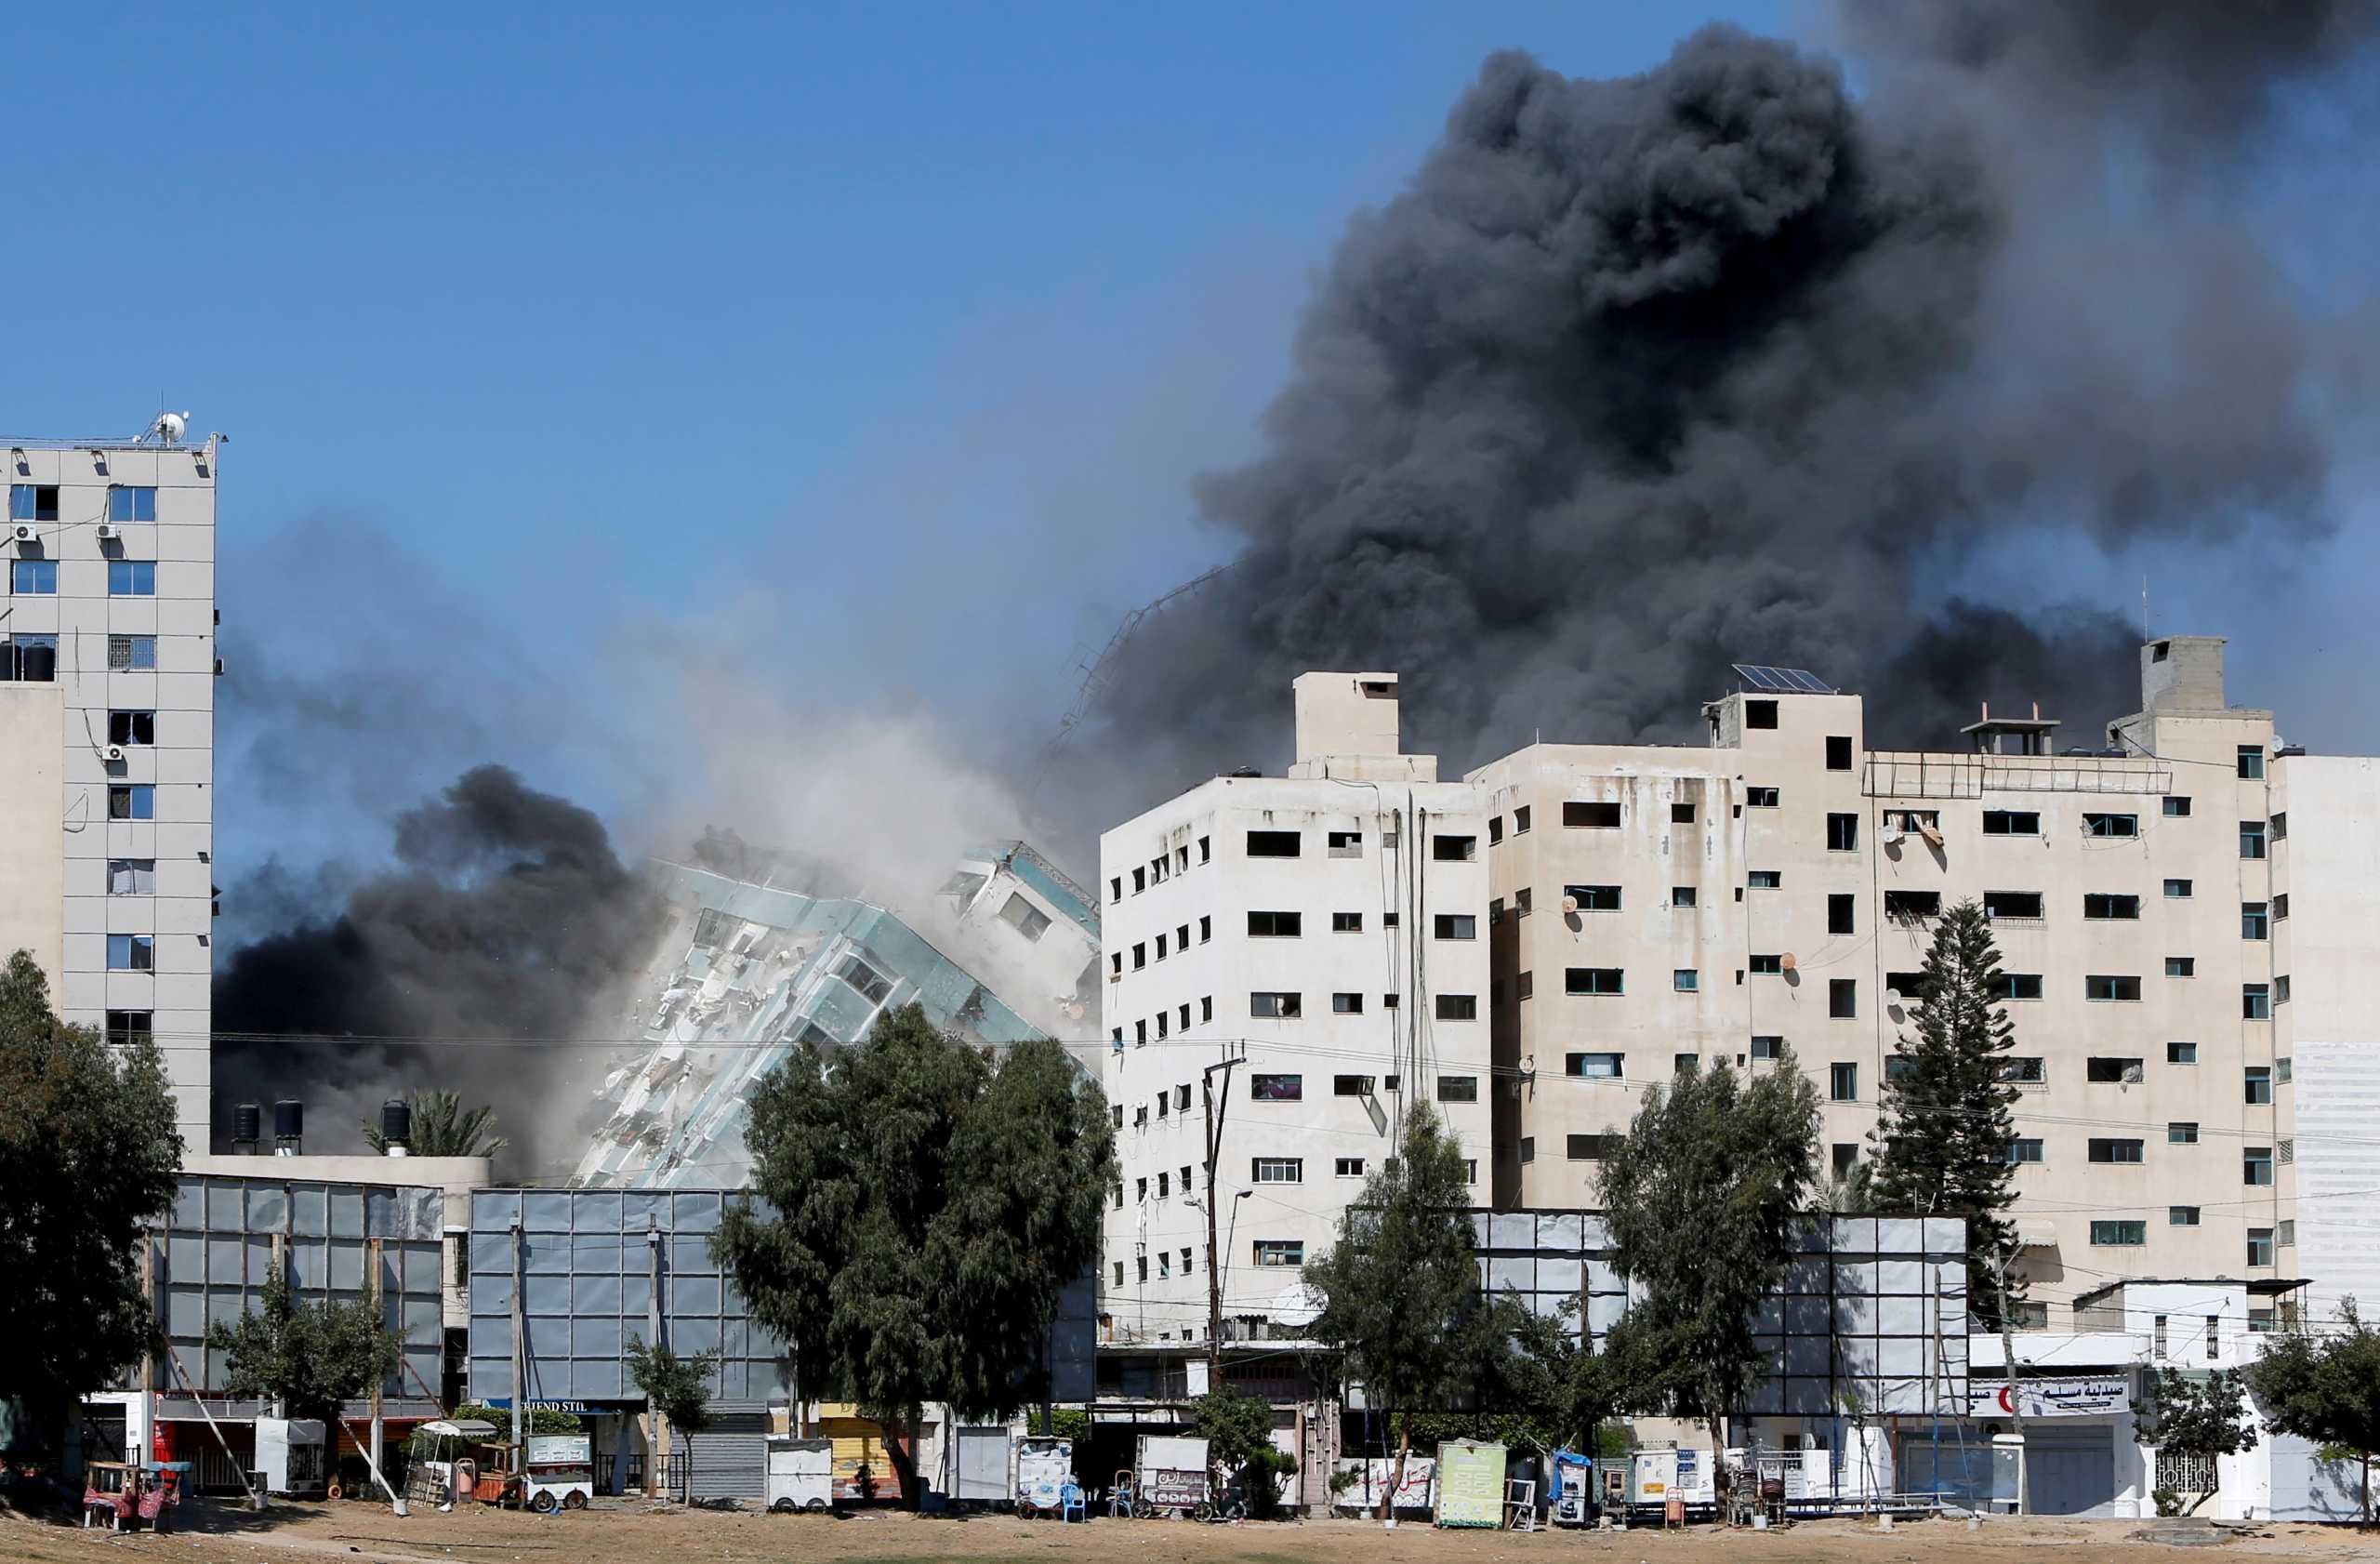 Γάζα: Κατέρρευσε από ισραηλινό βομβαρδισμό πολυόροφο κτίριο που στεγάζει το AP και το Al Jazeera